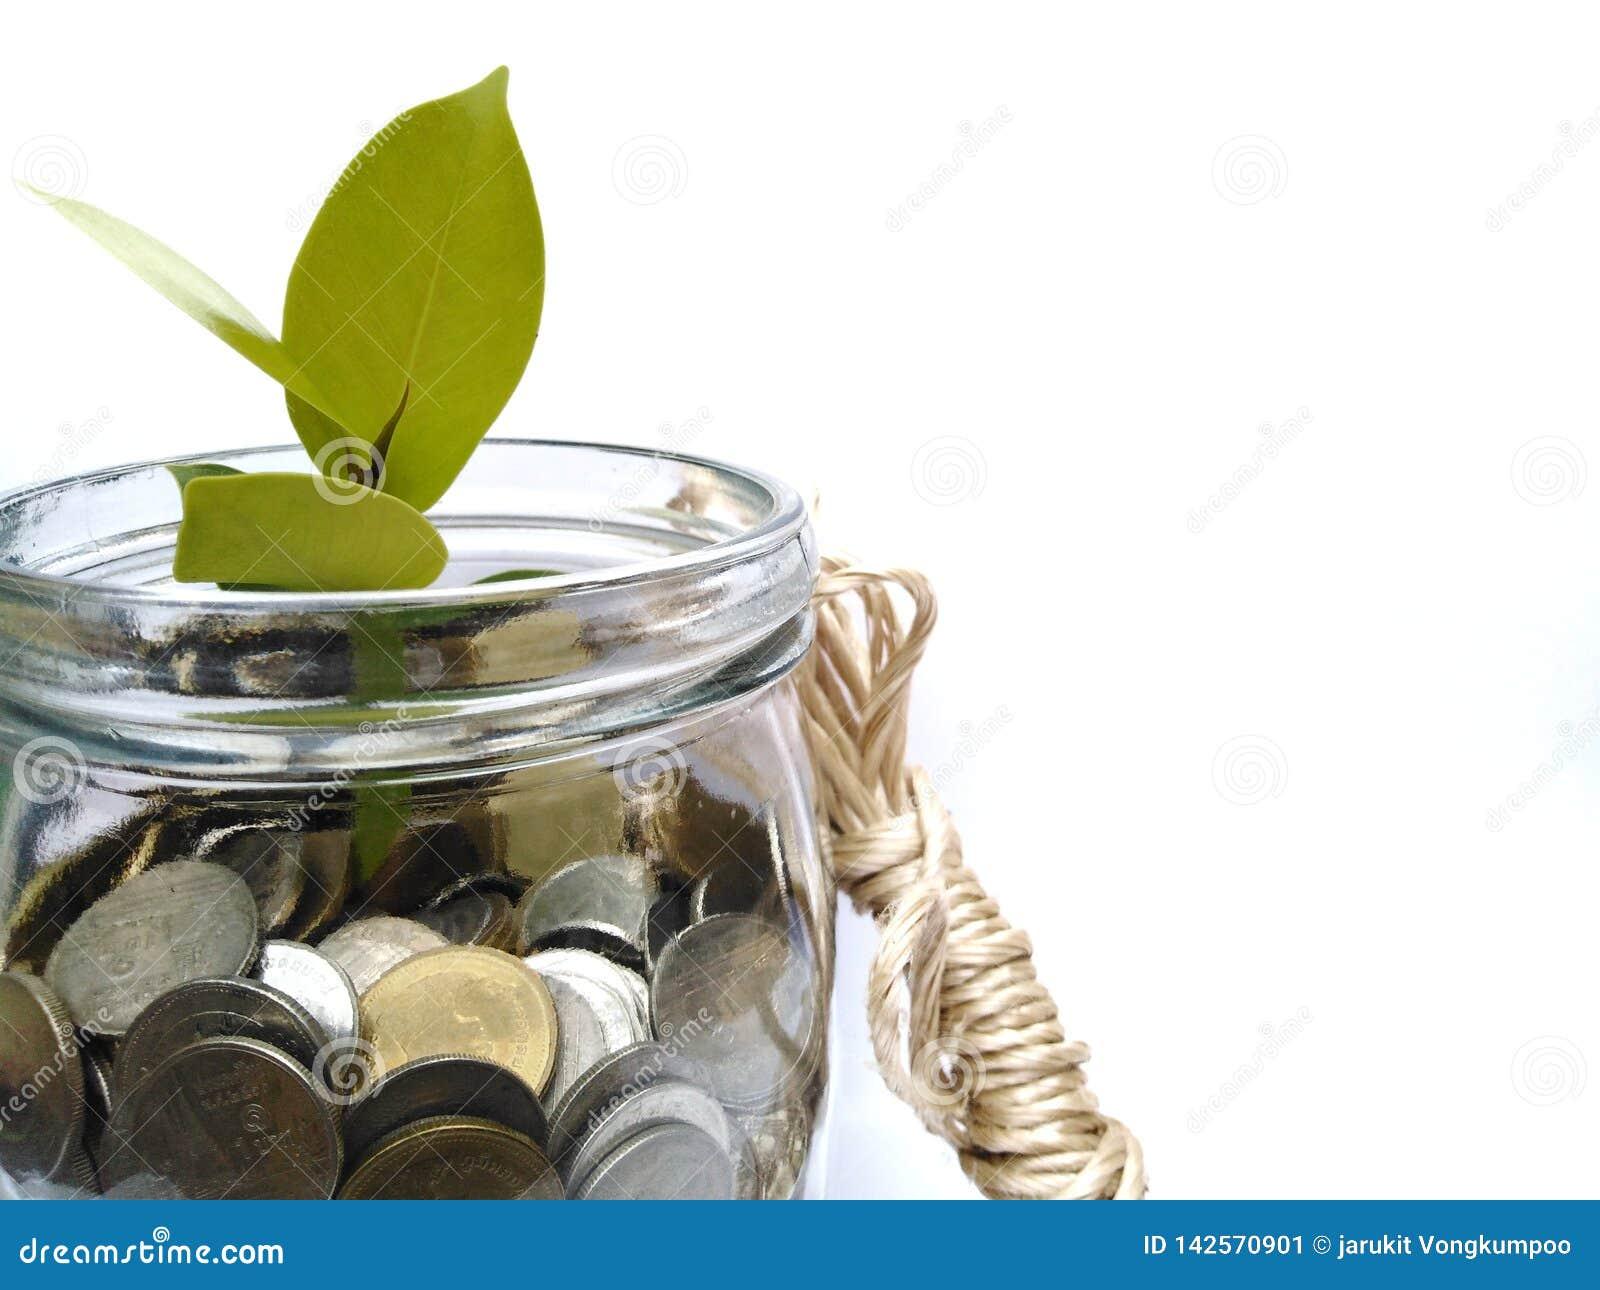 Monety r jak drzewa które inwestują robić pieniądze rosnąć jak drzewo Komunikują